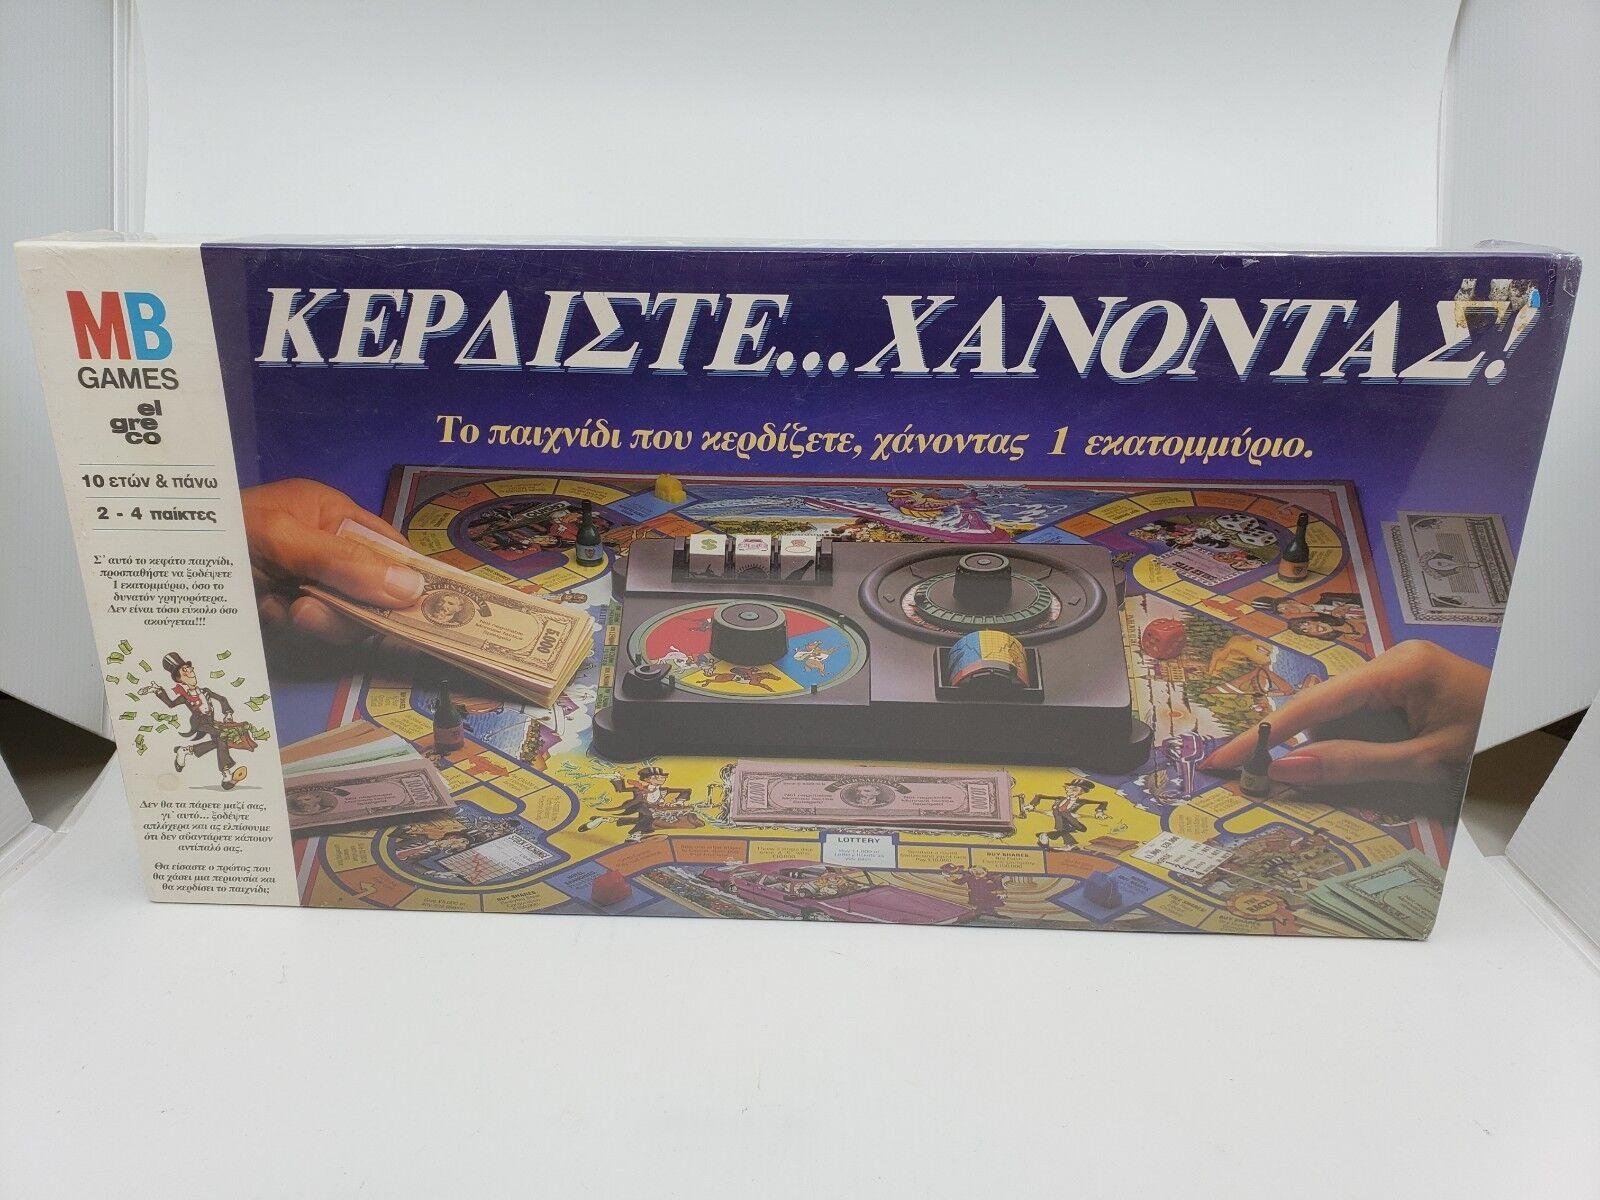 Mycket sällsynt Vitage 1991 Go for Broke Board spel MB Grekisk Edition New Sealed